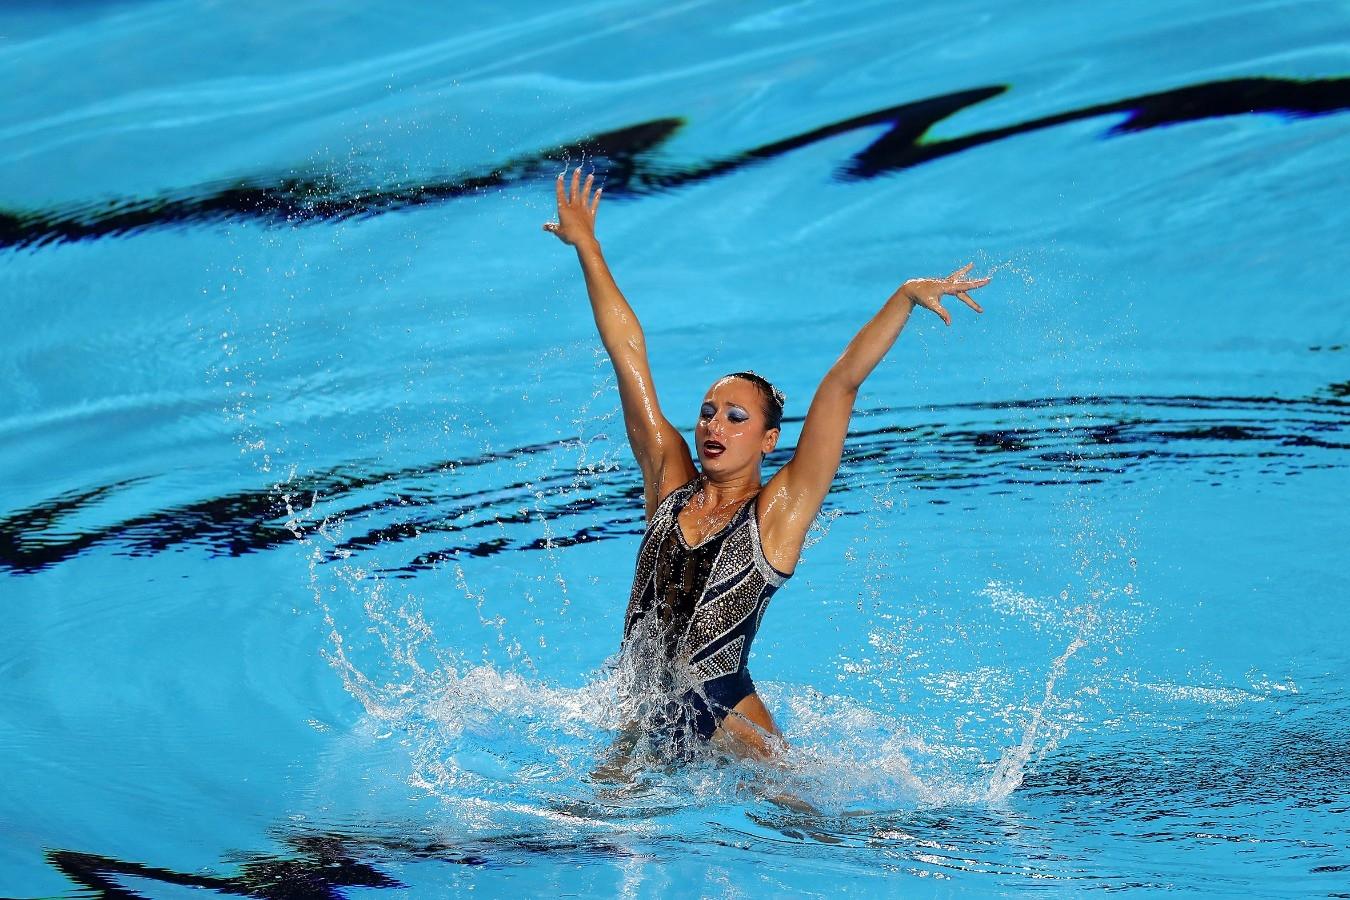 Maria Clara Coutinho. Campeonato Mundial de Desportos Aquaticos. City Park. 17 de Julho de 2017, Budapeste, Hungria. Foto: Satiro Sodré/SSPress/CBDA